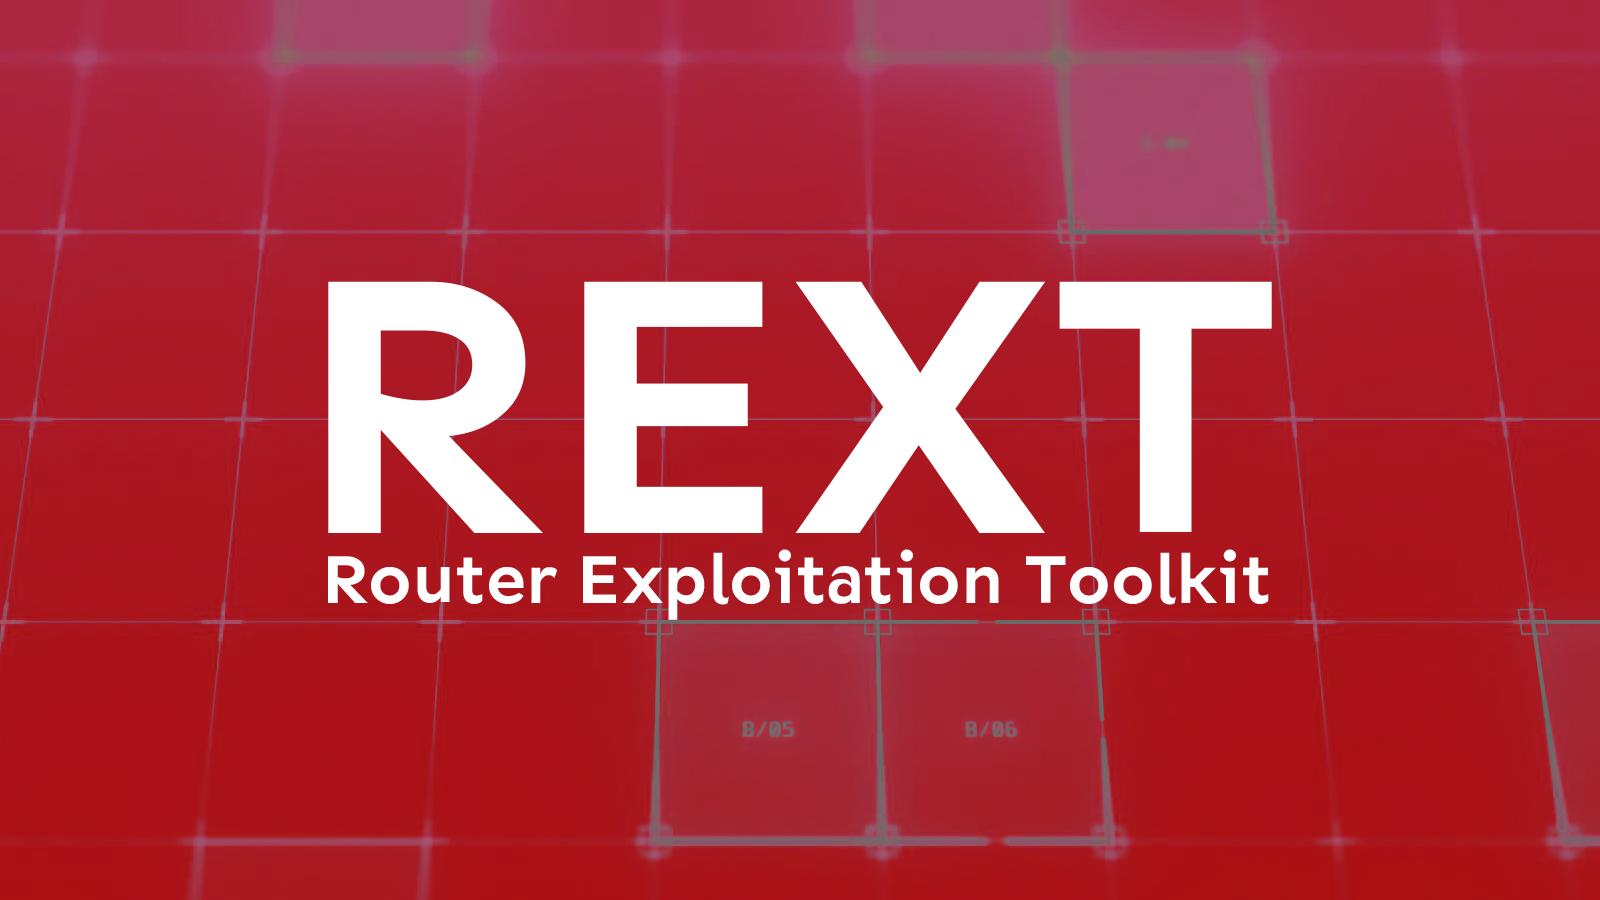 REXT - Router Exploitation Toolkit